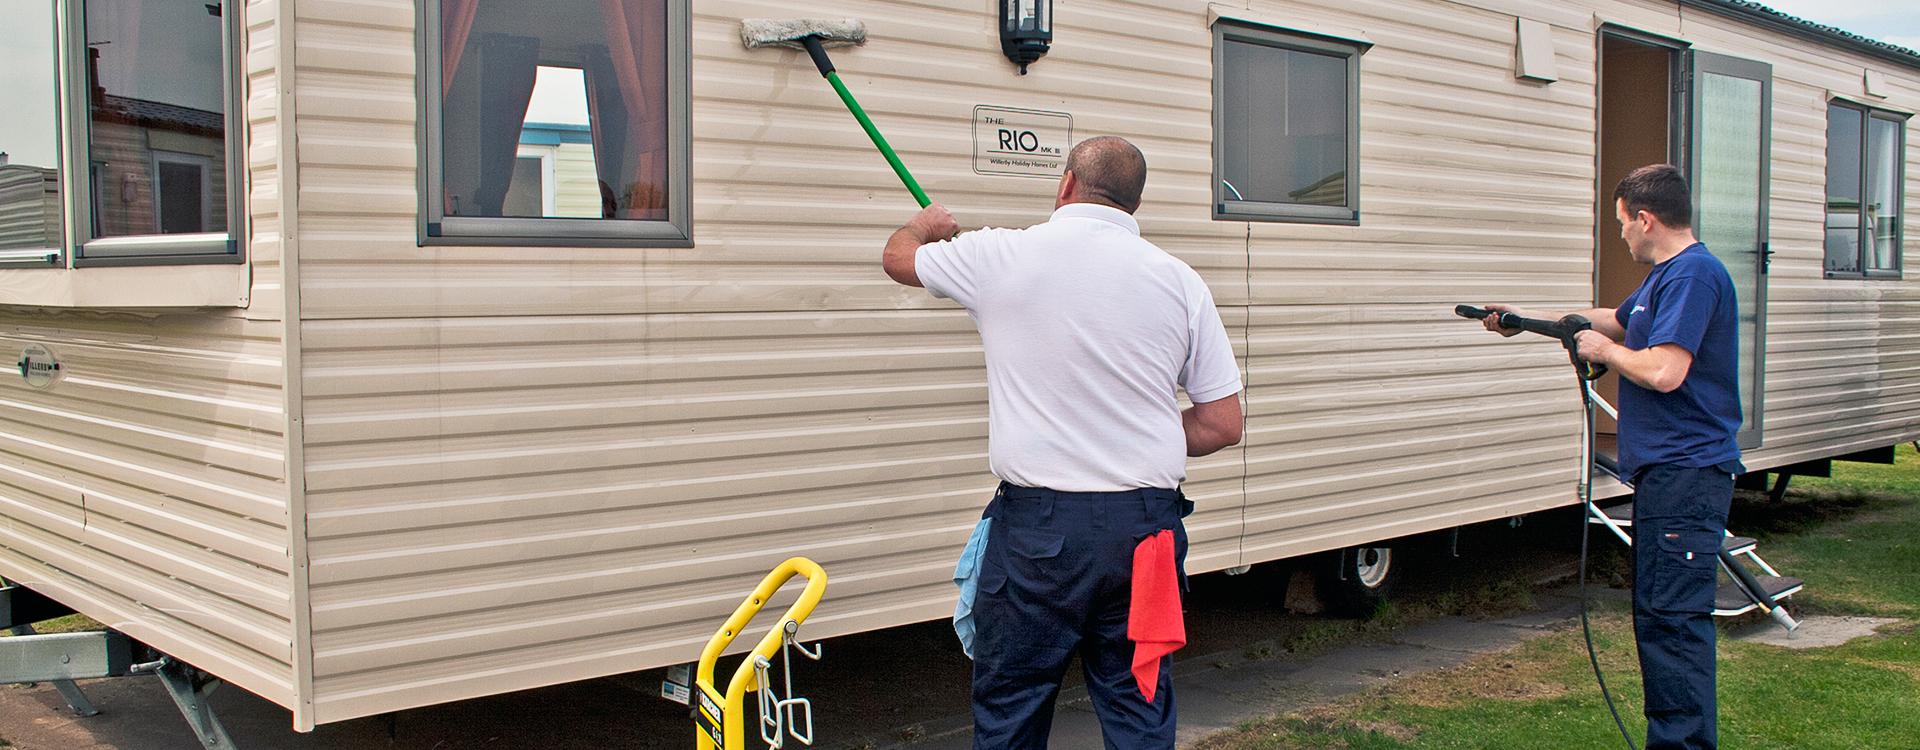 Caravan cleaning image